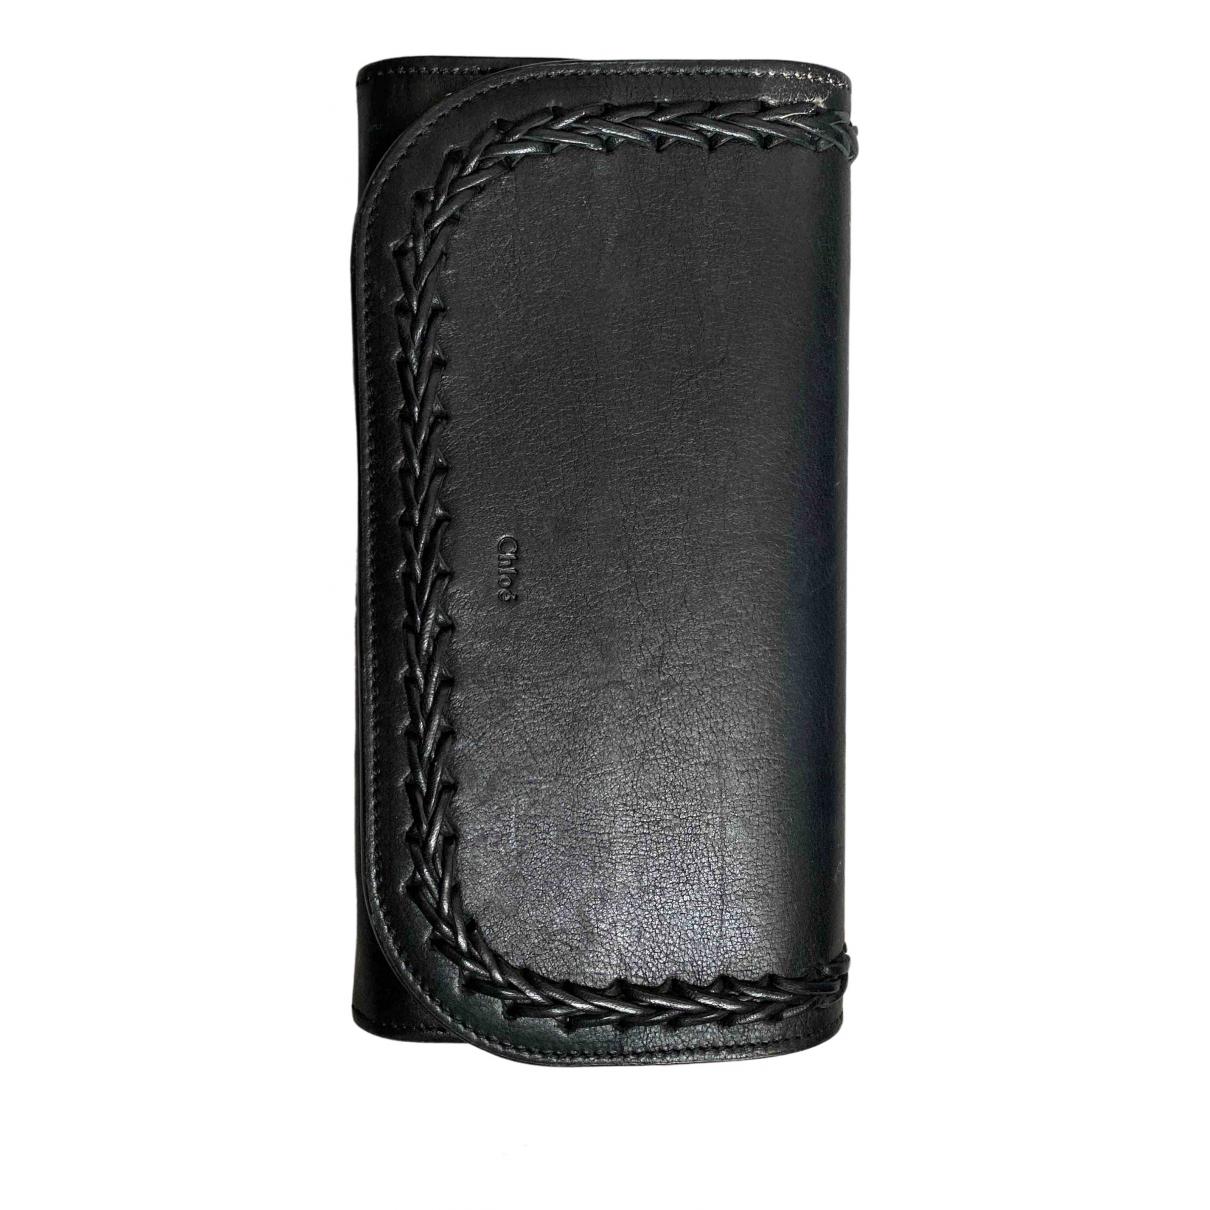 Chloe - Portefeuille Paraty pour femme en cuir - noir